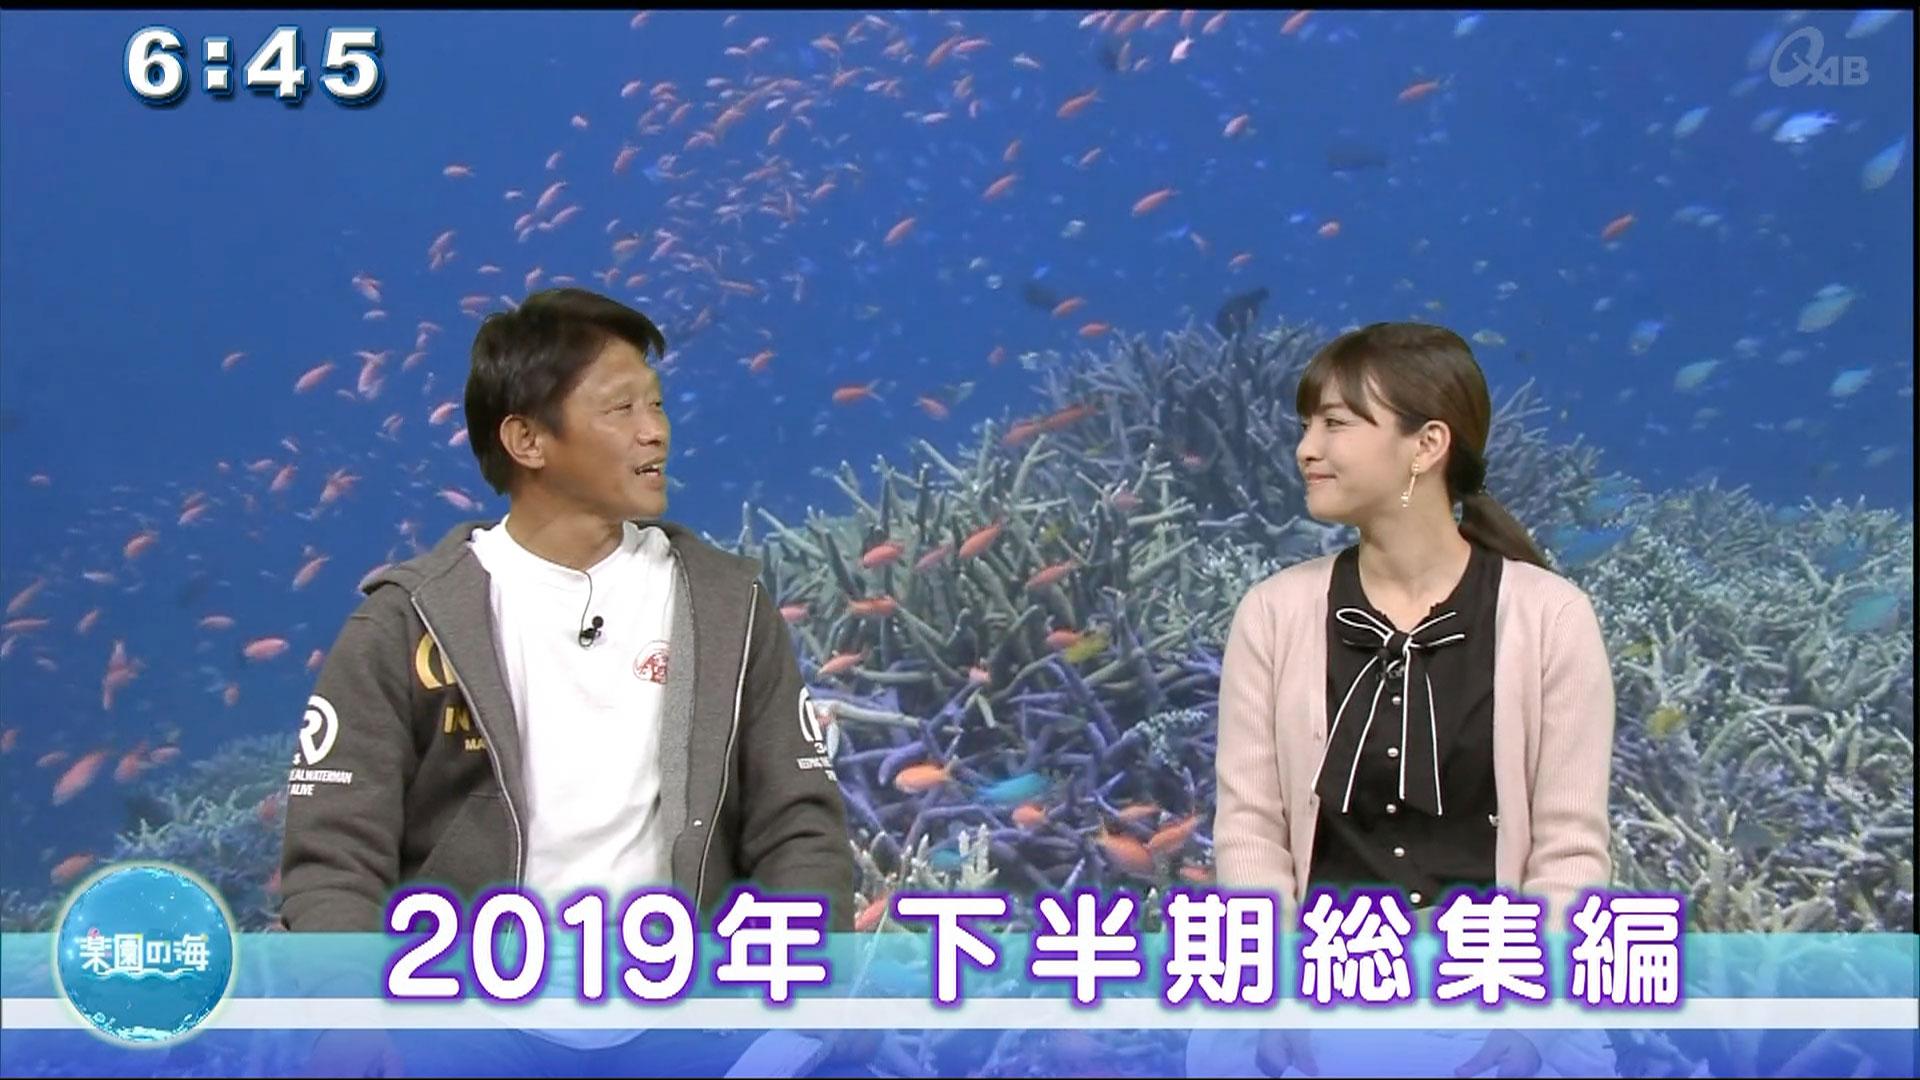 楽園の海 2019年下半期総集編